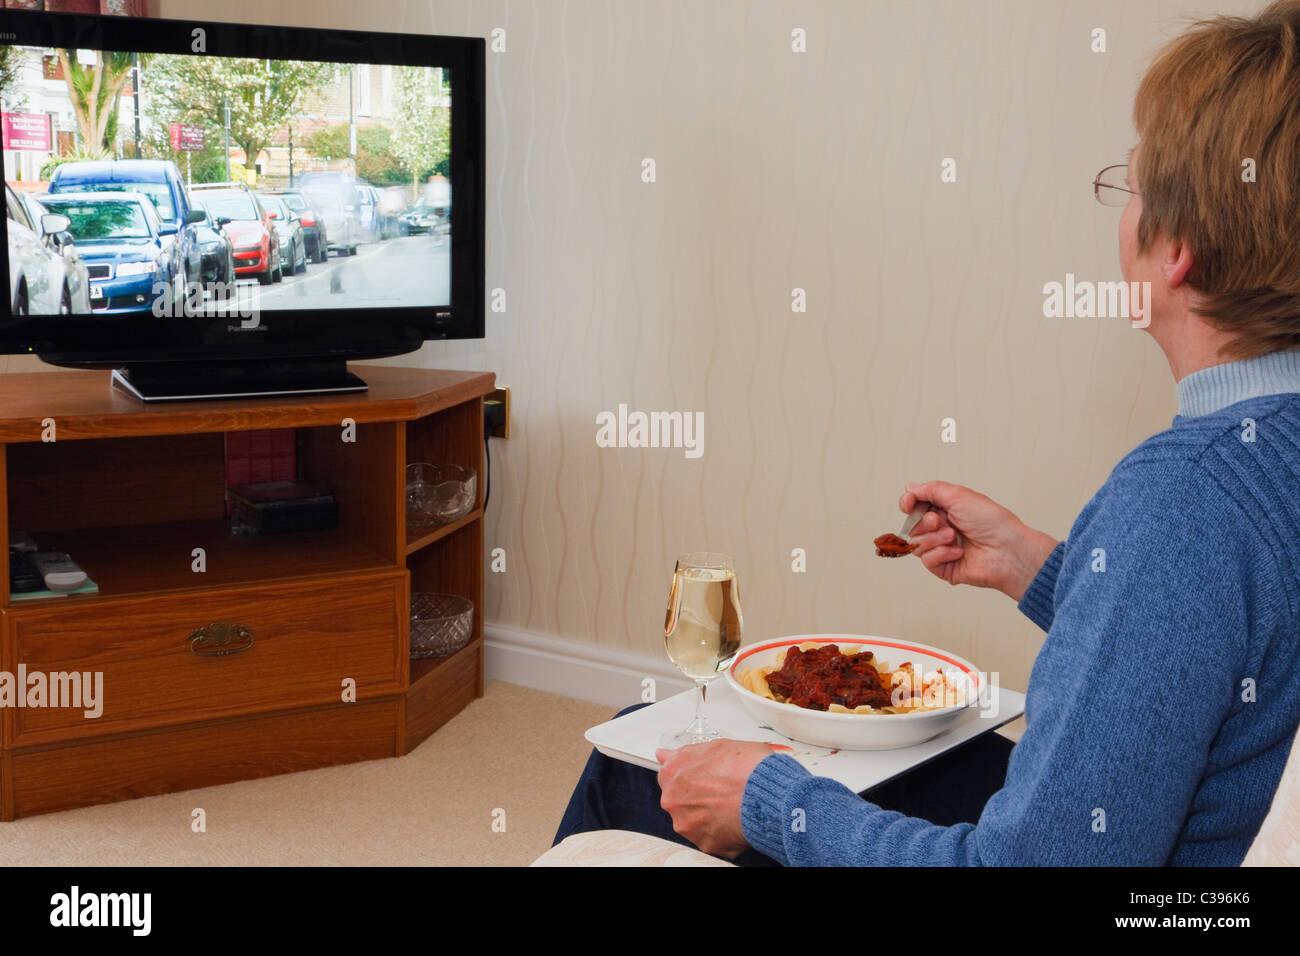 Alltägliche Szene einer reifen Frau alleine vor dem Fernseher essen ein Abend TV Mahlzeit mit einem Glas Wein Stockbild